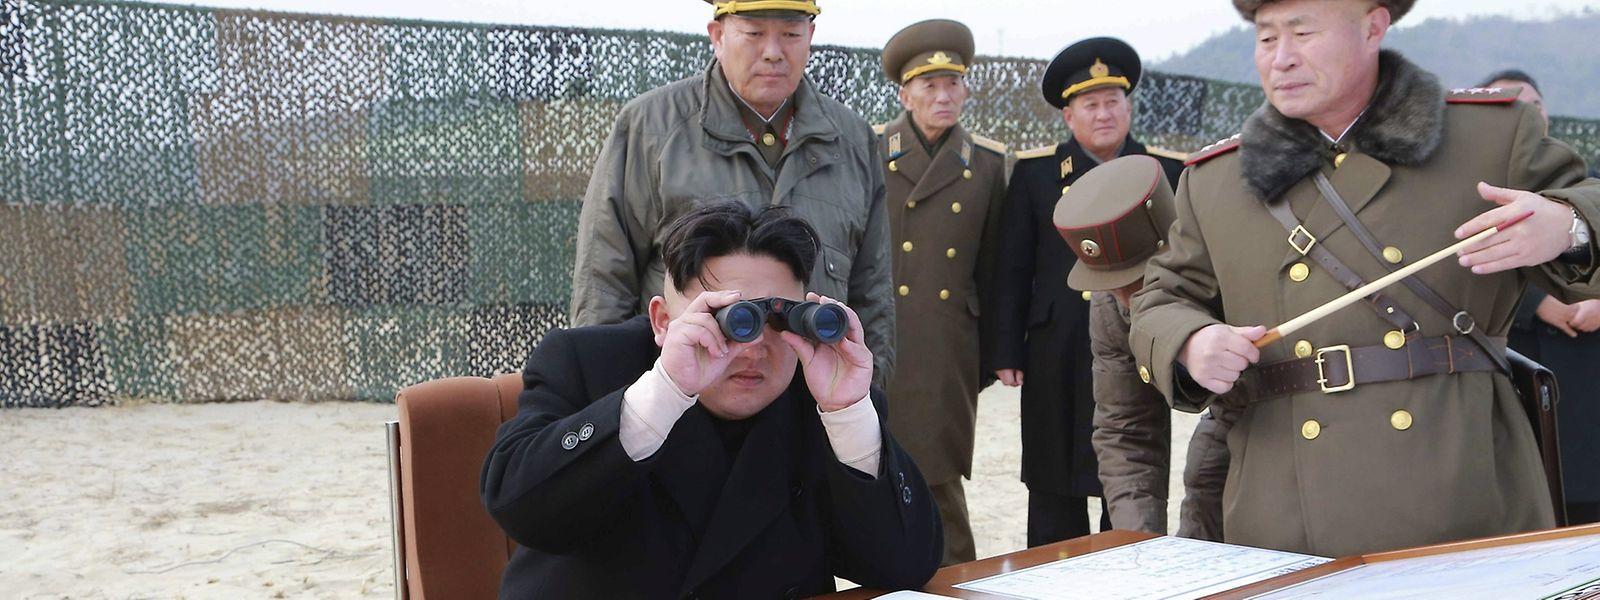 Der nordkoreanische Diktator Kim Jong Un (l.) will mit den Raketentests Stärke in Richtung USA zeigen.